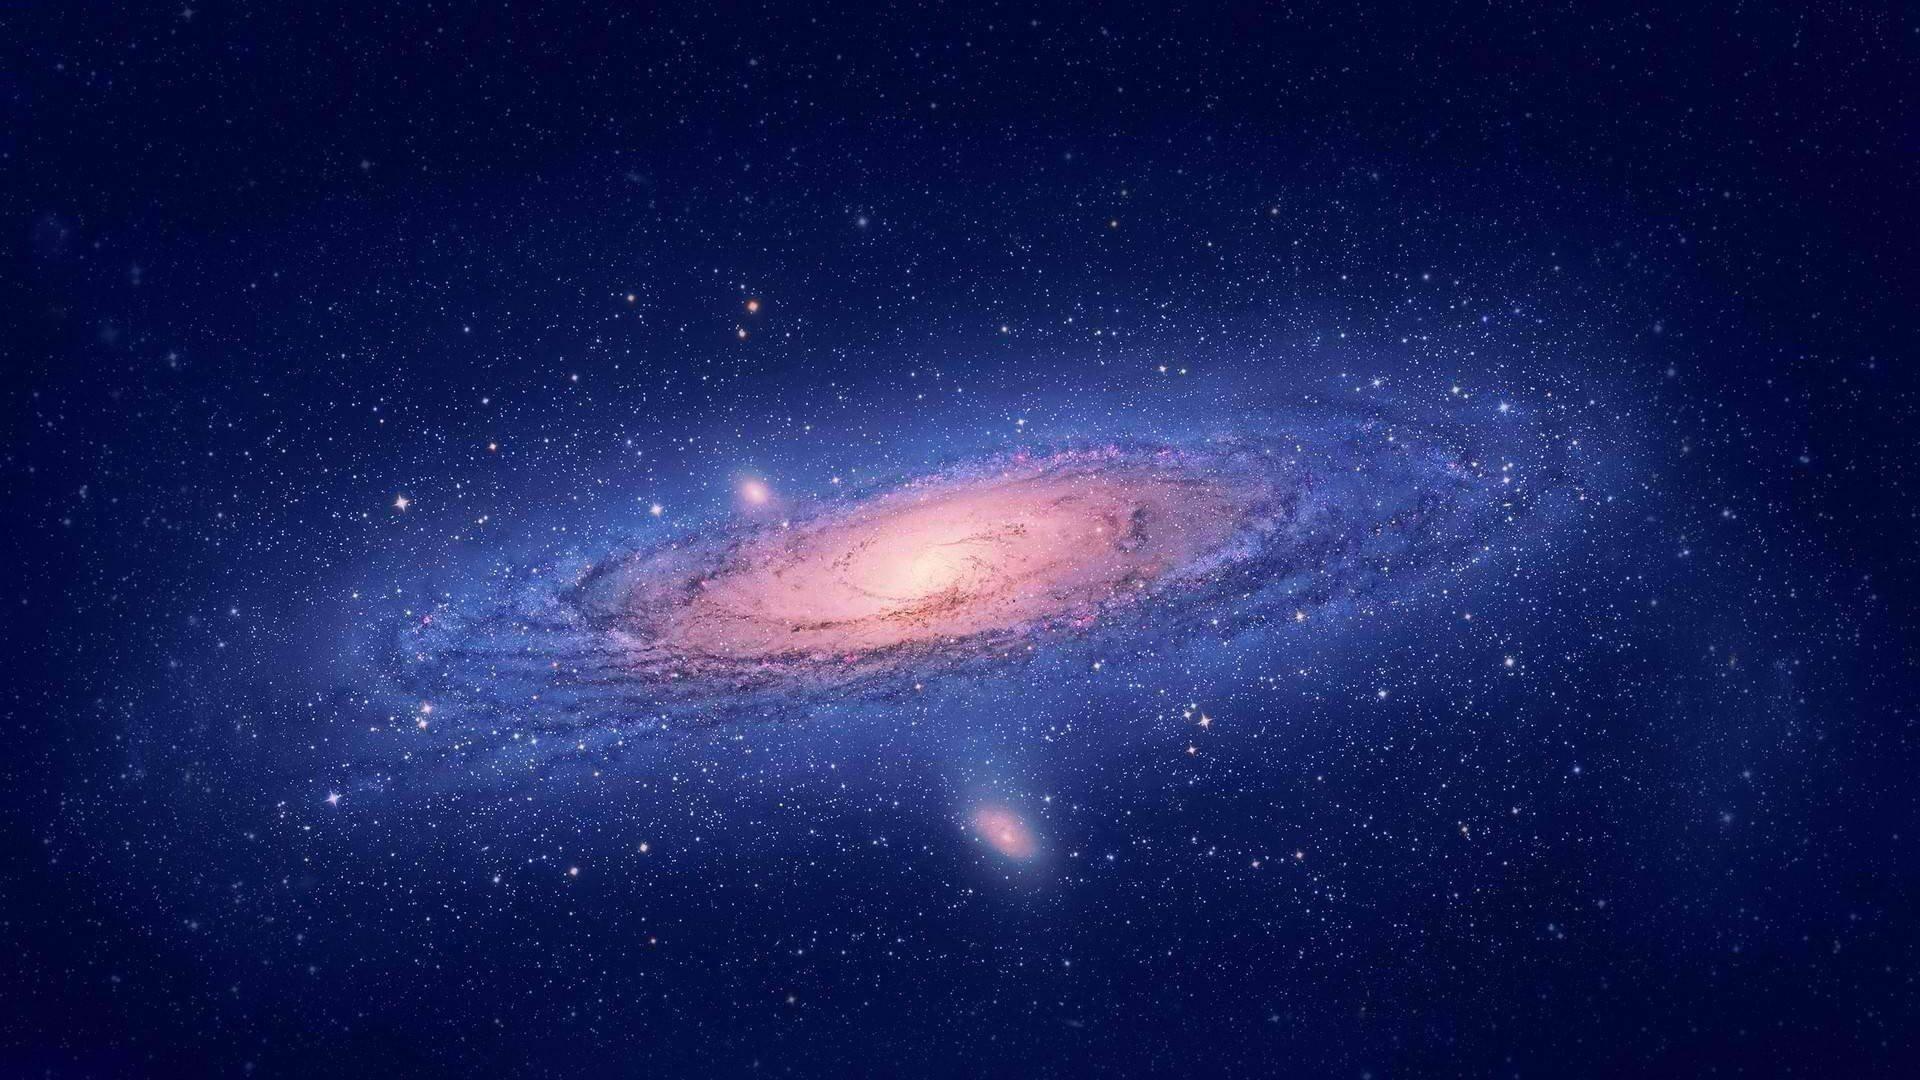 galaxy wallpaper full hd 1920x1080 443620